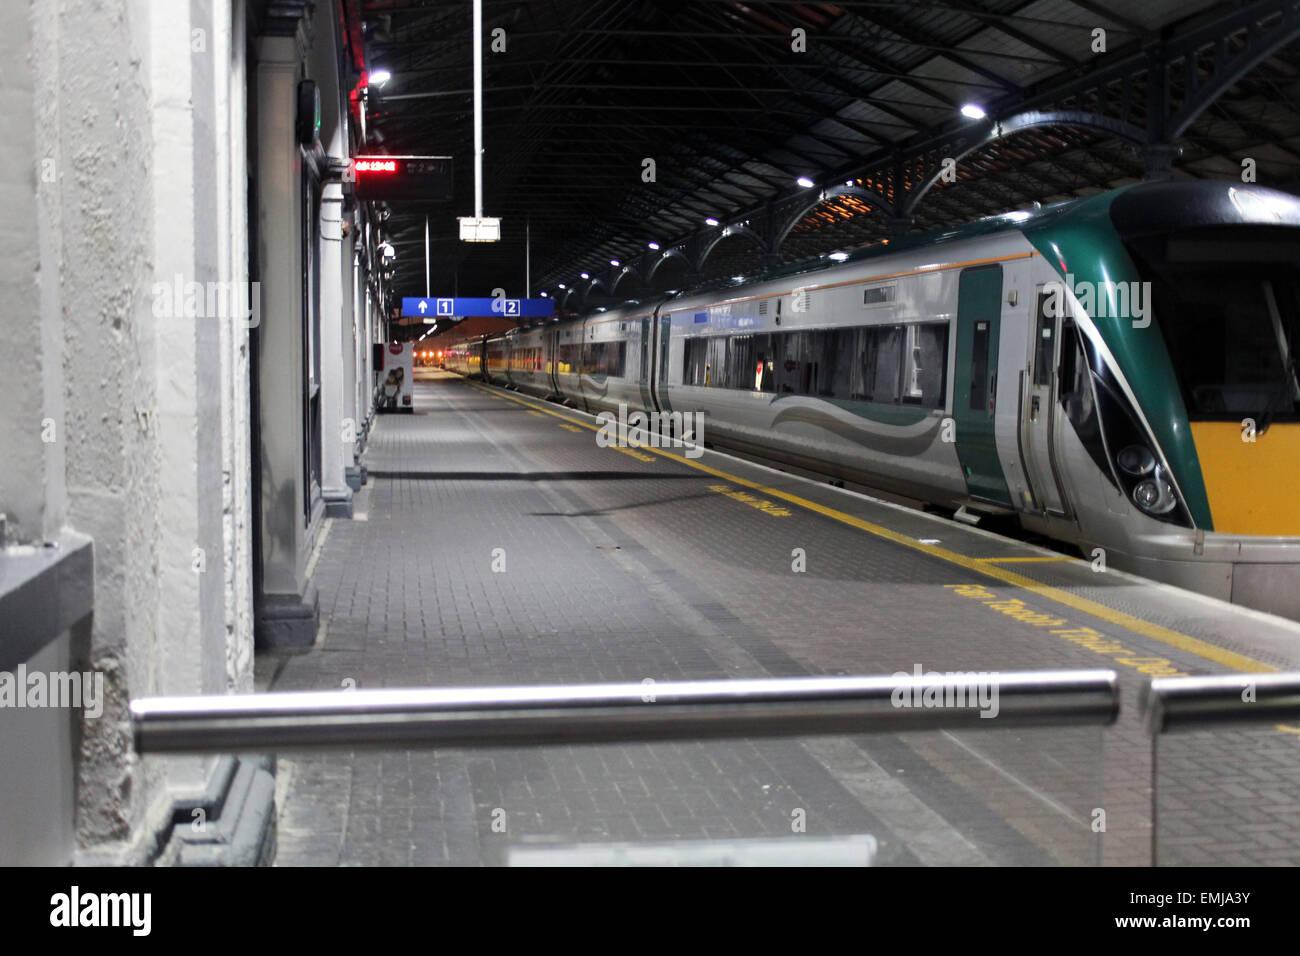 Bahnhof, Bahnhof, Großbritannien, British, Kapital, Städte, Stadt, England, Englisch, Europa, europäische, Stockbild